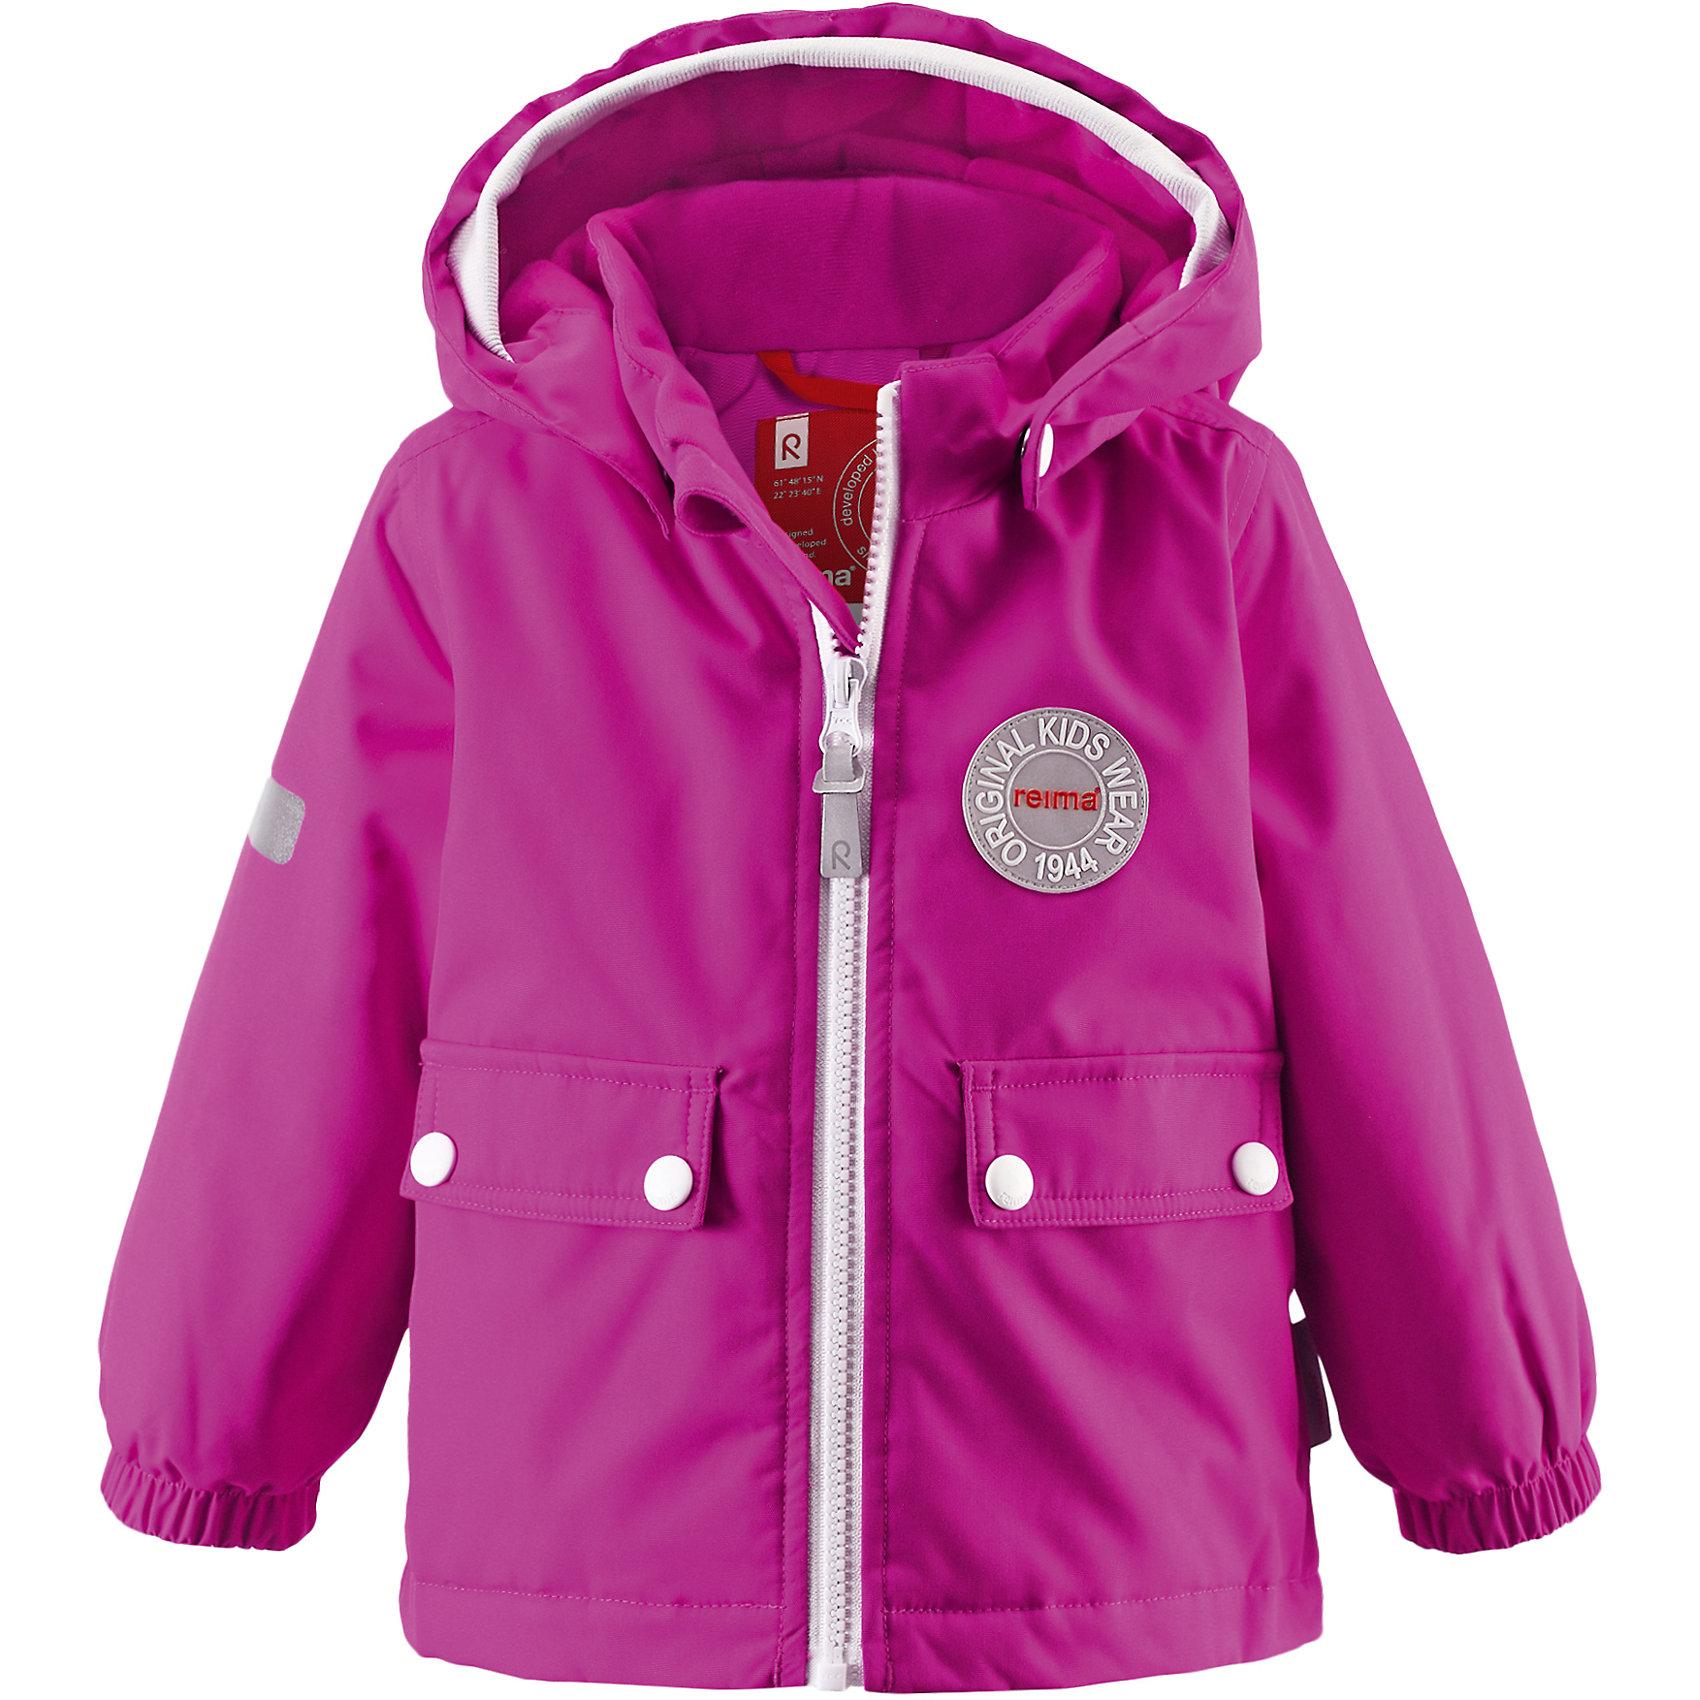 Куртка Quilt ReimaОдежда<br>Зимняя куртка для малышей. Основные швы проклеены и не пропускают влагу. Водоотталкивающий, ветронепроницаемый, «дышащий» и грязеотталкивающий материал. Теплая стеганая подкладка. Безопасный, съемный капюшон .Мягкая резинка на кромке капюшона .Эластичные манжеты.Удлиненный подол сзади. Два кармана с клапанами .Безопасные светоотражающие детали<br>Состав:<br>100% ПЭ, ПУ-покрытие<br><br>Ширина мм: 356<br>Глубина мм: 10<br>Высота мм: 245<br>Вес г: 519<br>Цвет: розовый<br>Возраст от месяцев: 18<br>Возраст до месяцев: 24<br>Пол: Унисекс<br>Возраст: Детский<br>Размер: 92<br>SKU: 5309195